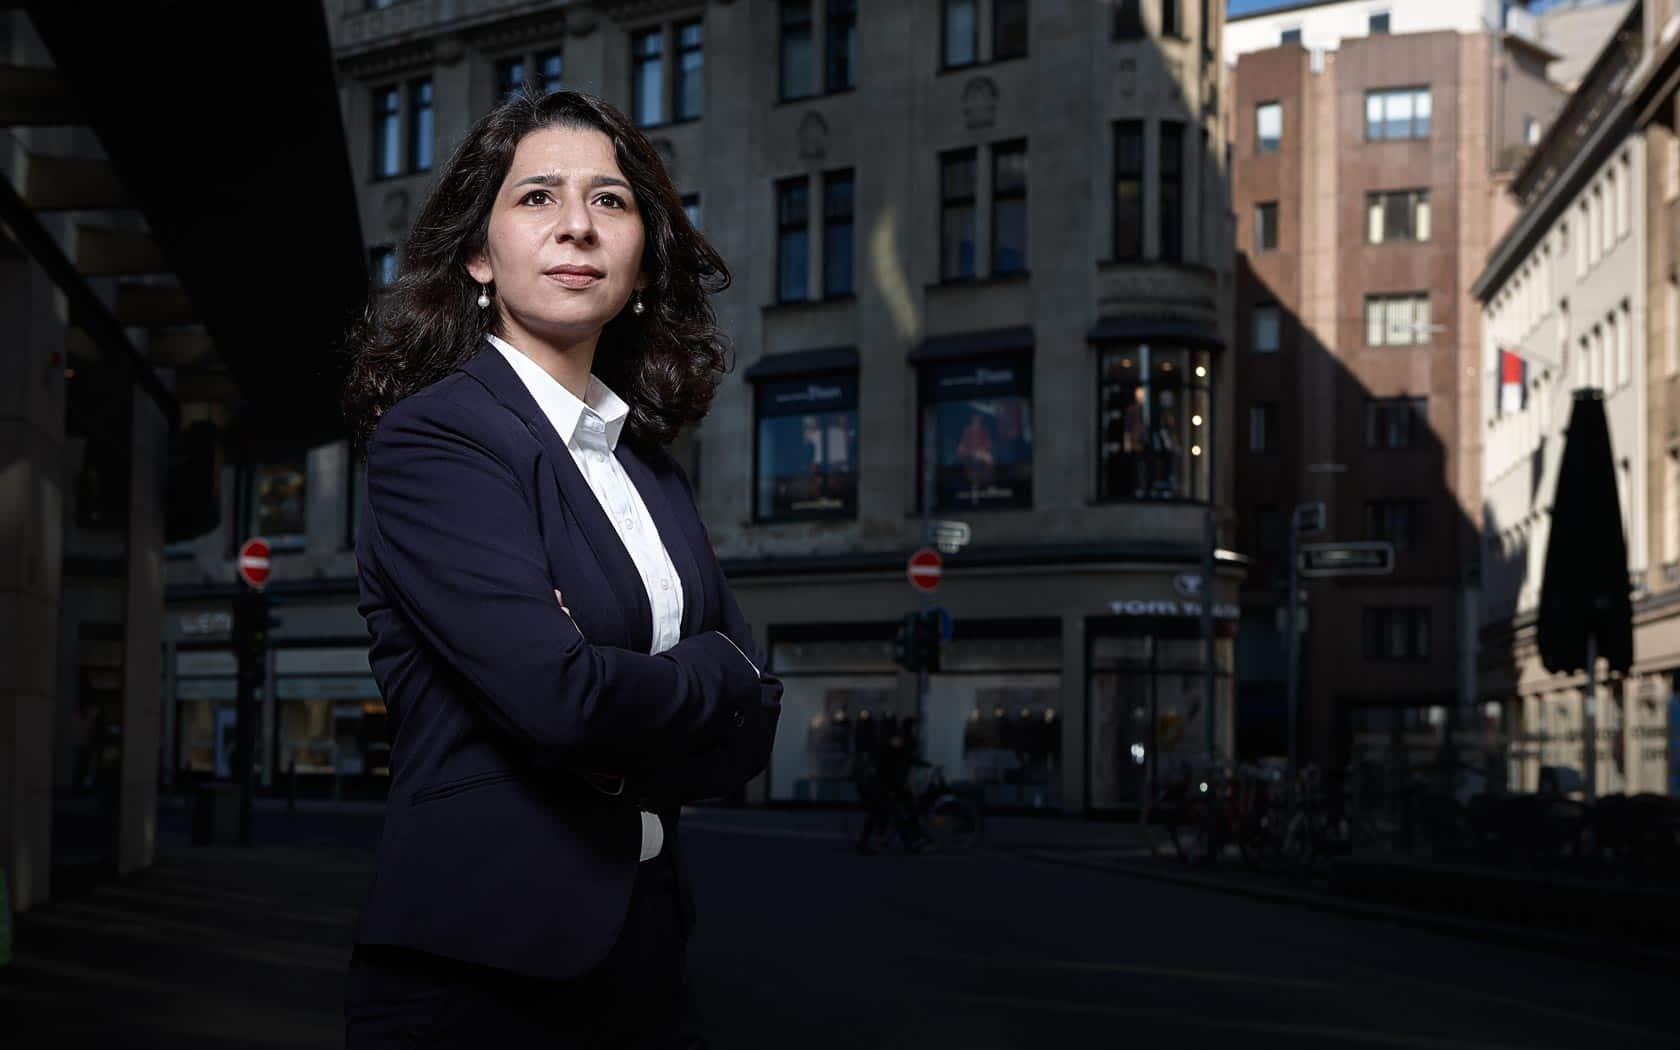 Kanzlei Kötz Fusbahn | Professionelle Rechtsberatung in Markenrecht, Wettbewerbsrecht und Datenschutzrecht.